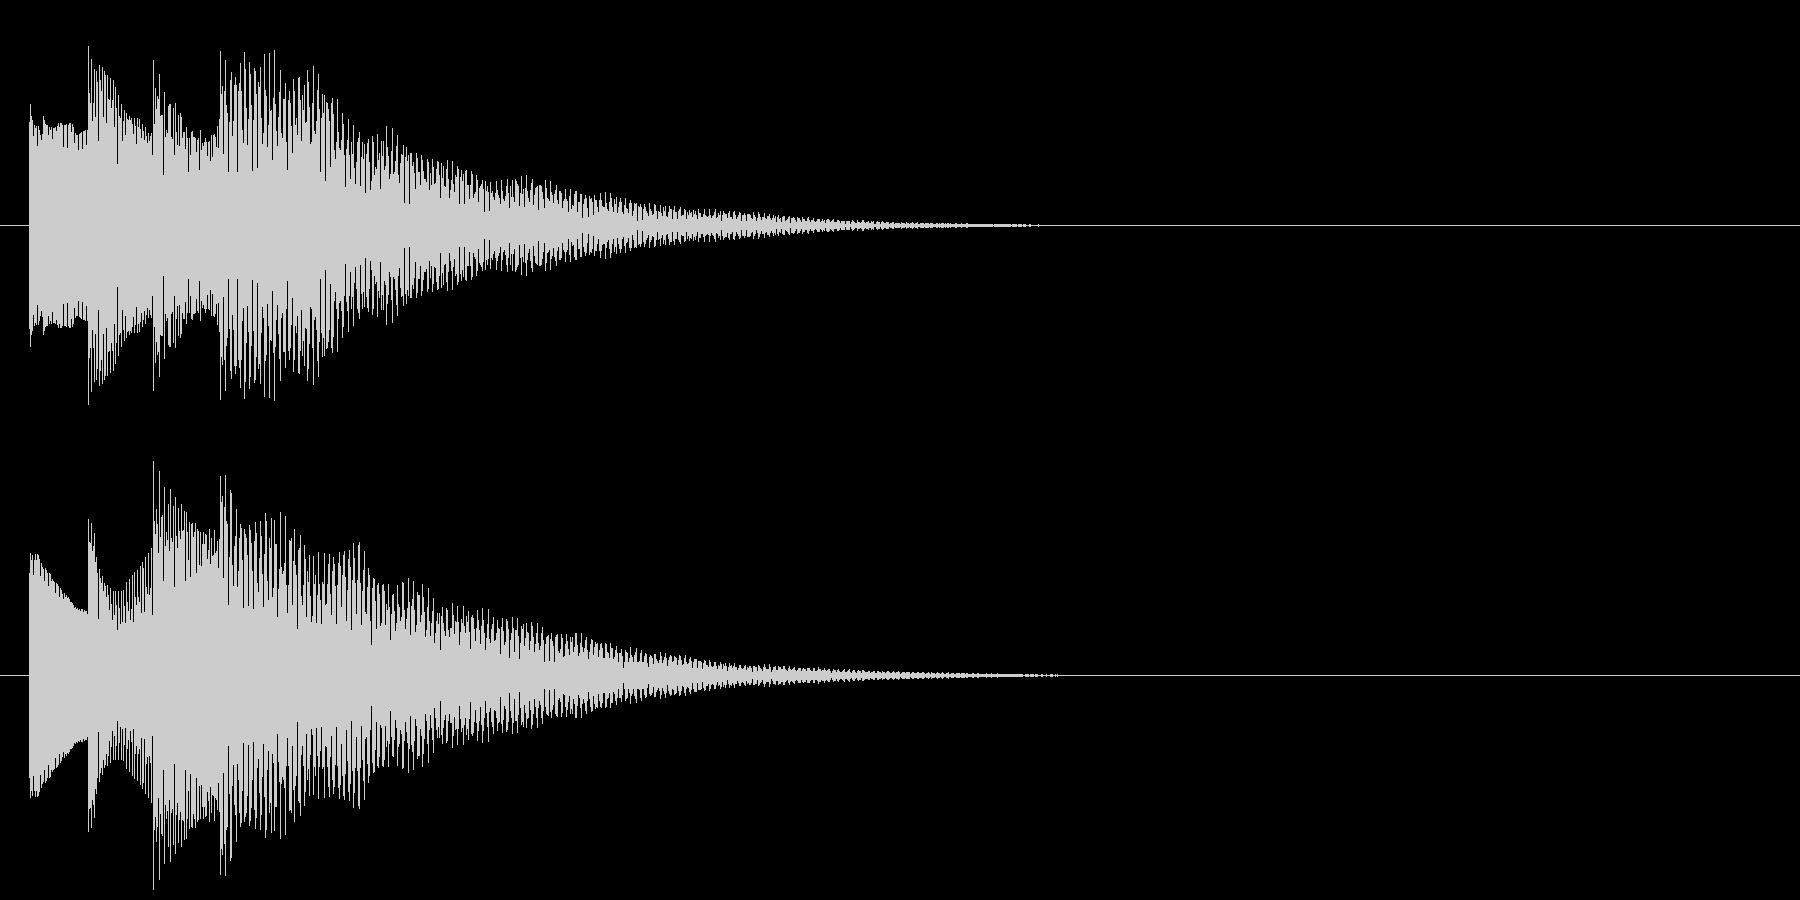 アラーム音06 ベル(add9)の未再生の波形